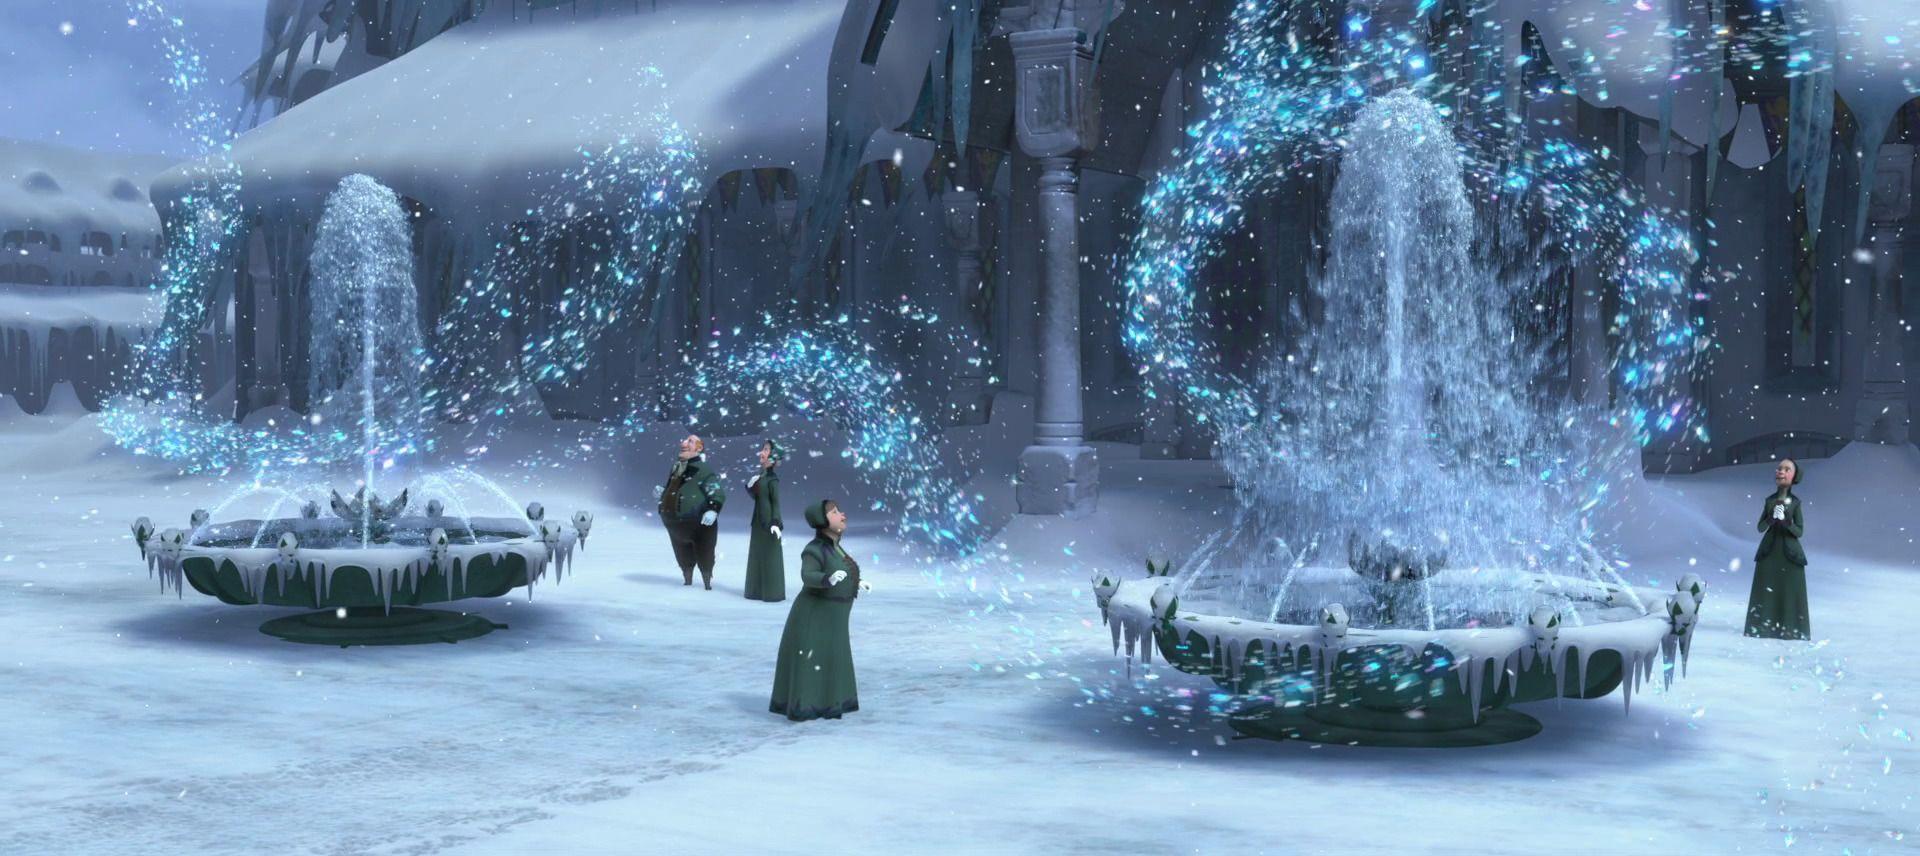 Frozen (2013) - Disney Screencaps